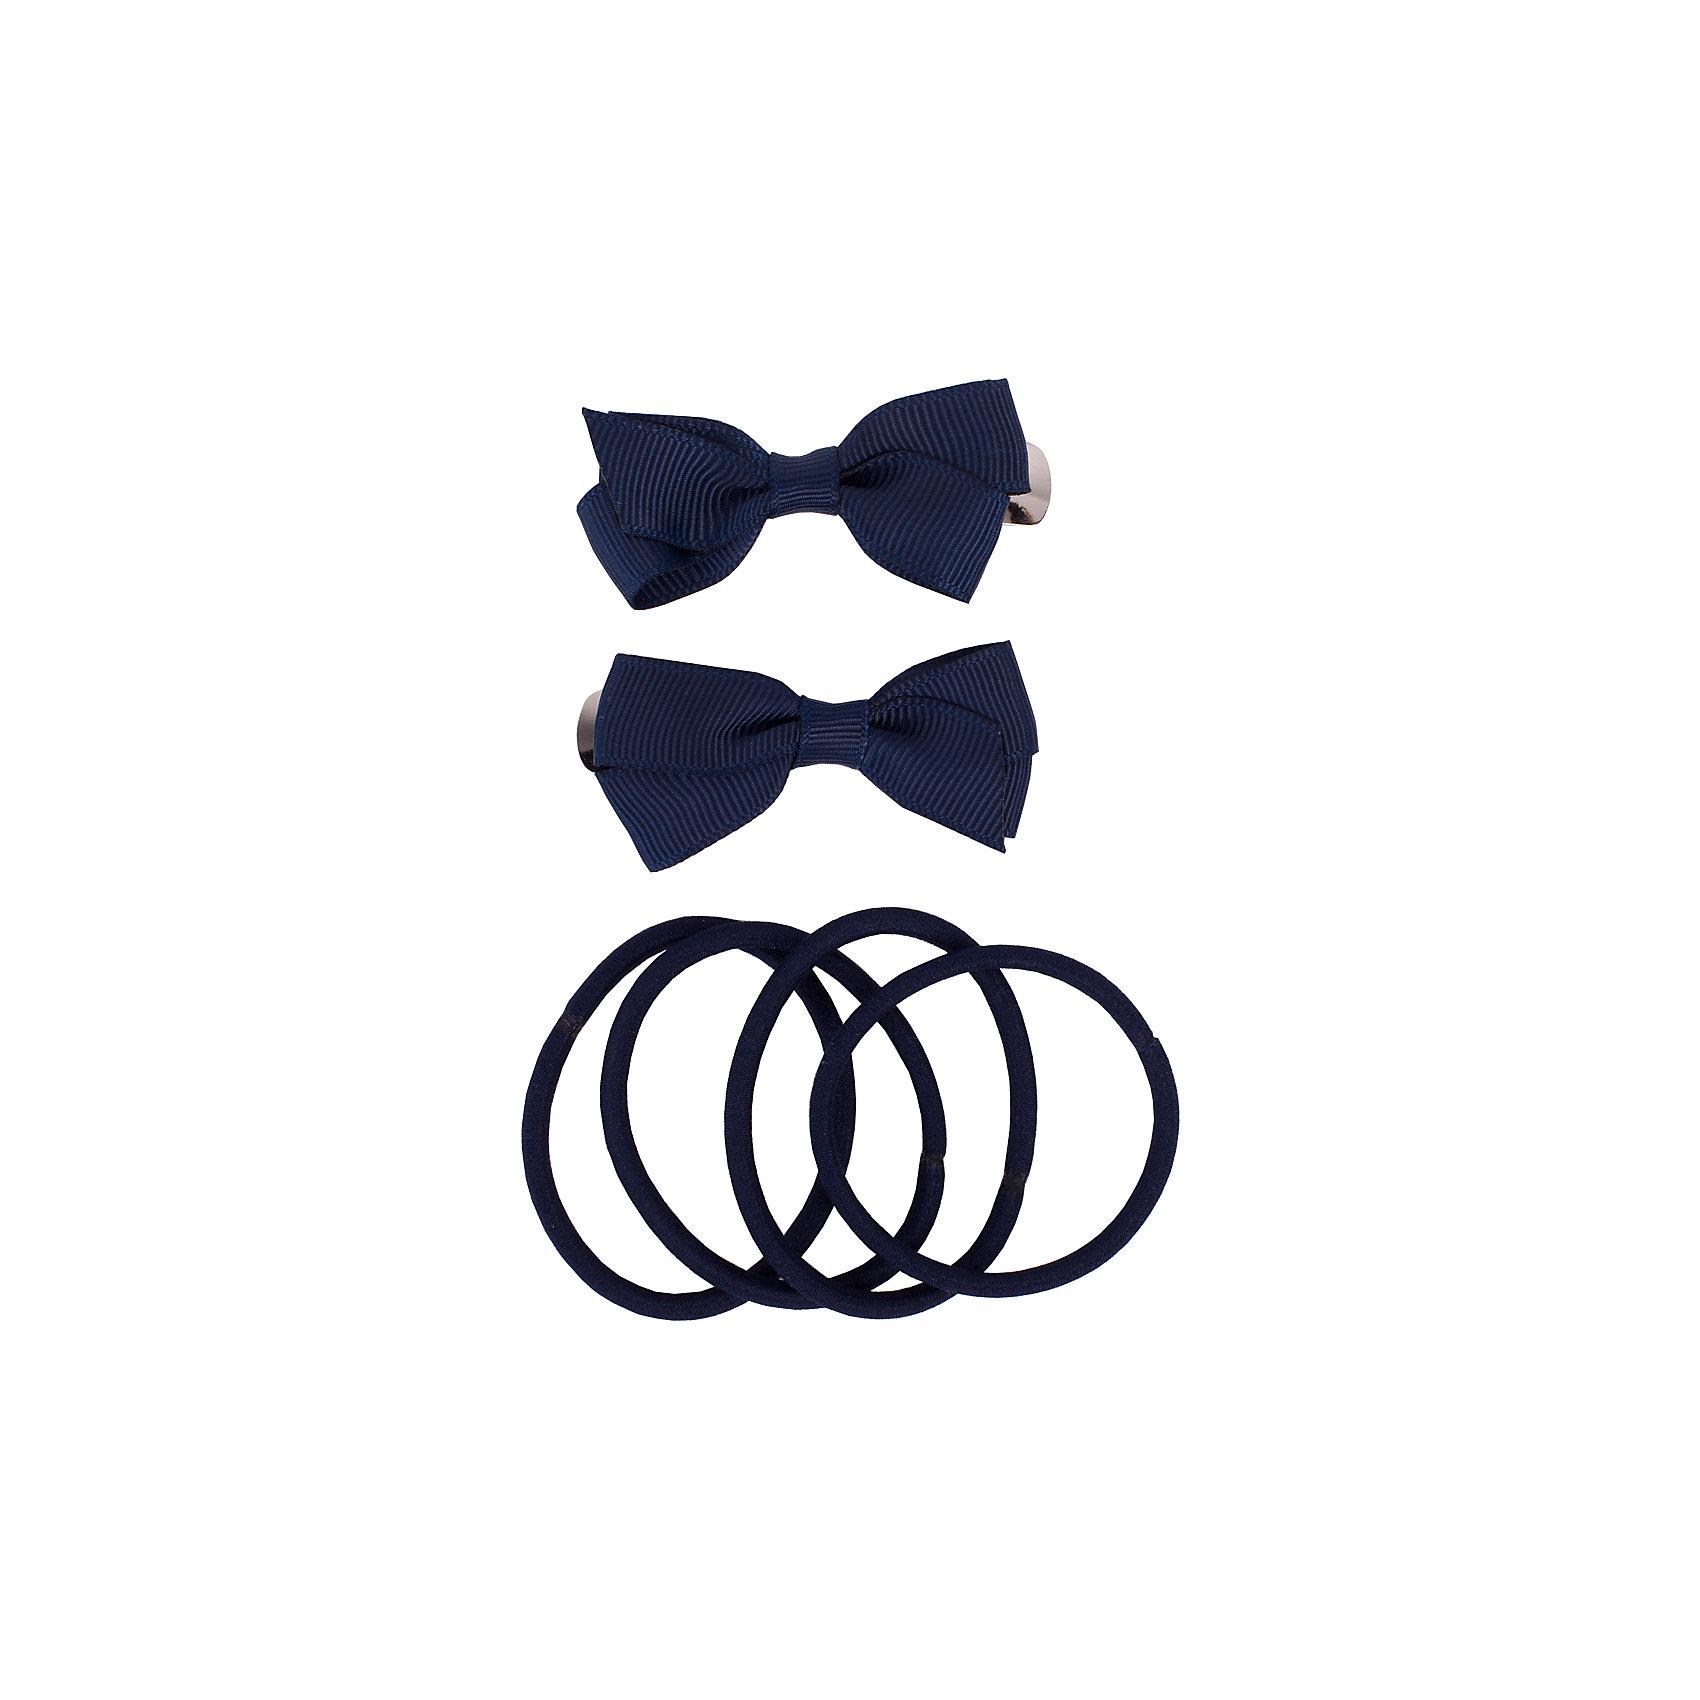 Комплект заколок и резинок, 6 шт. Button Blue для девочкиАксессуары<br>Характеристики товара:<br><br>• цвет: синий;<br>• материал: сталь, полиэстер, эластан;<br>• в комплекте: 2 заколки, 6 резинок;<br>• заколки в виде бантиков;<br>• 6 эластичный резинок;<br>• страна бренда: Россия;<br>• страна изготовитель: Китай.<br><br>Комплект заколок и резинок Button Blue (Баттон Блю) можно купить в нашем интернет-магазине.<br><br>Ширина мм: 170<br>Глубина мм: 157<br>Высота мм: 67<br>Вес г: 117<br>Цвет: синий<br>Возраст от месяцев: 60<br>Возраст до месяцев: 168<br>Пол: Женский<br>Возраст: Детский<br>Размер: one size<br>SKU: 7039736